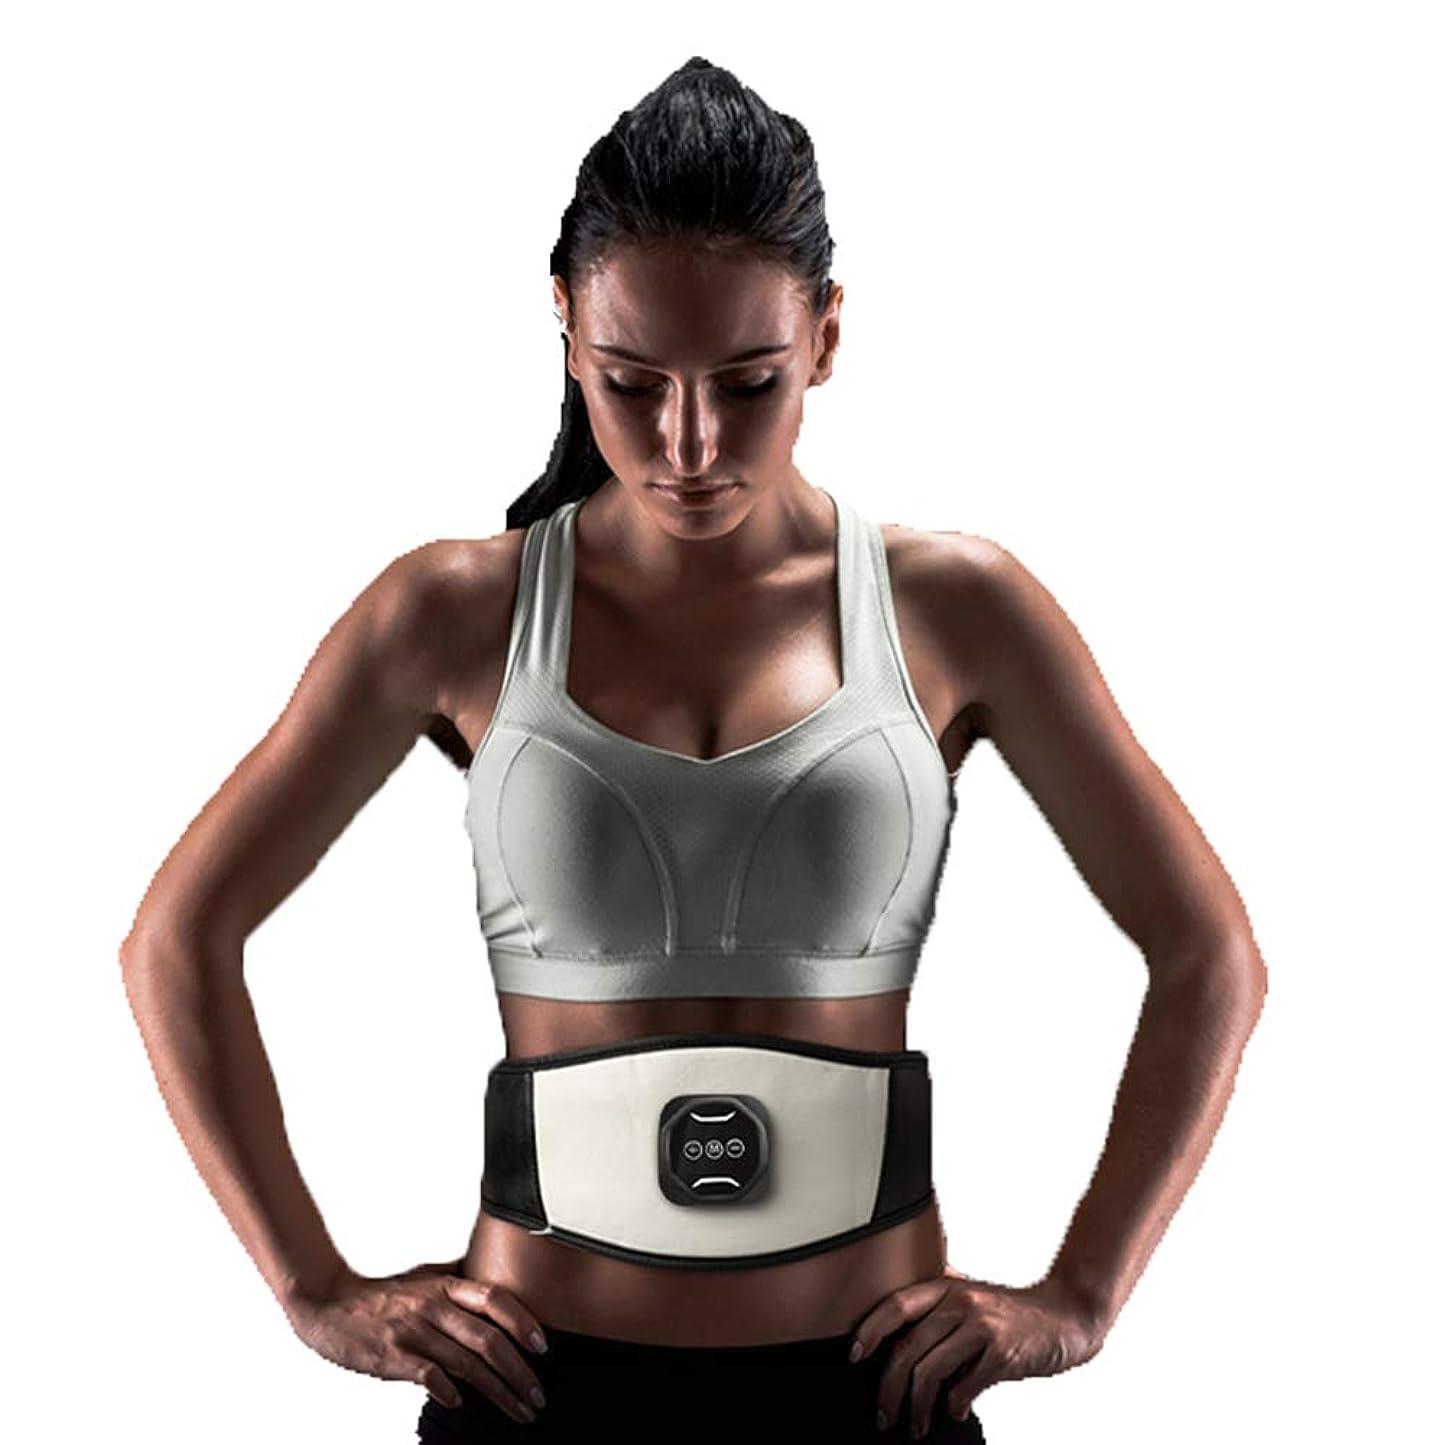 霧振動させる弱めるスマートワイヤレス腹筋ペーストEMS筋肉刺激装置薄い腹部腹部マシンUSB電気ベルト腹部機器全身体重減少運動フィットネス機器ユニセックス